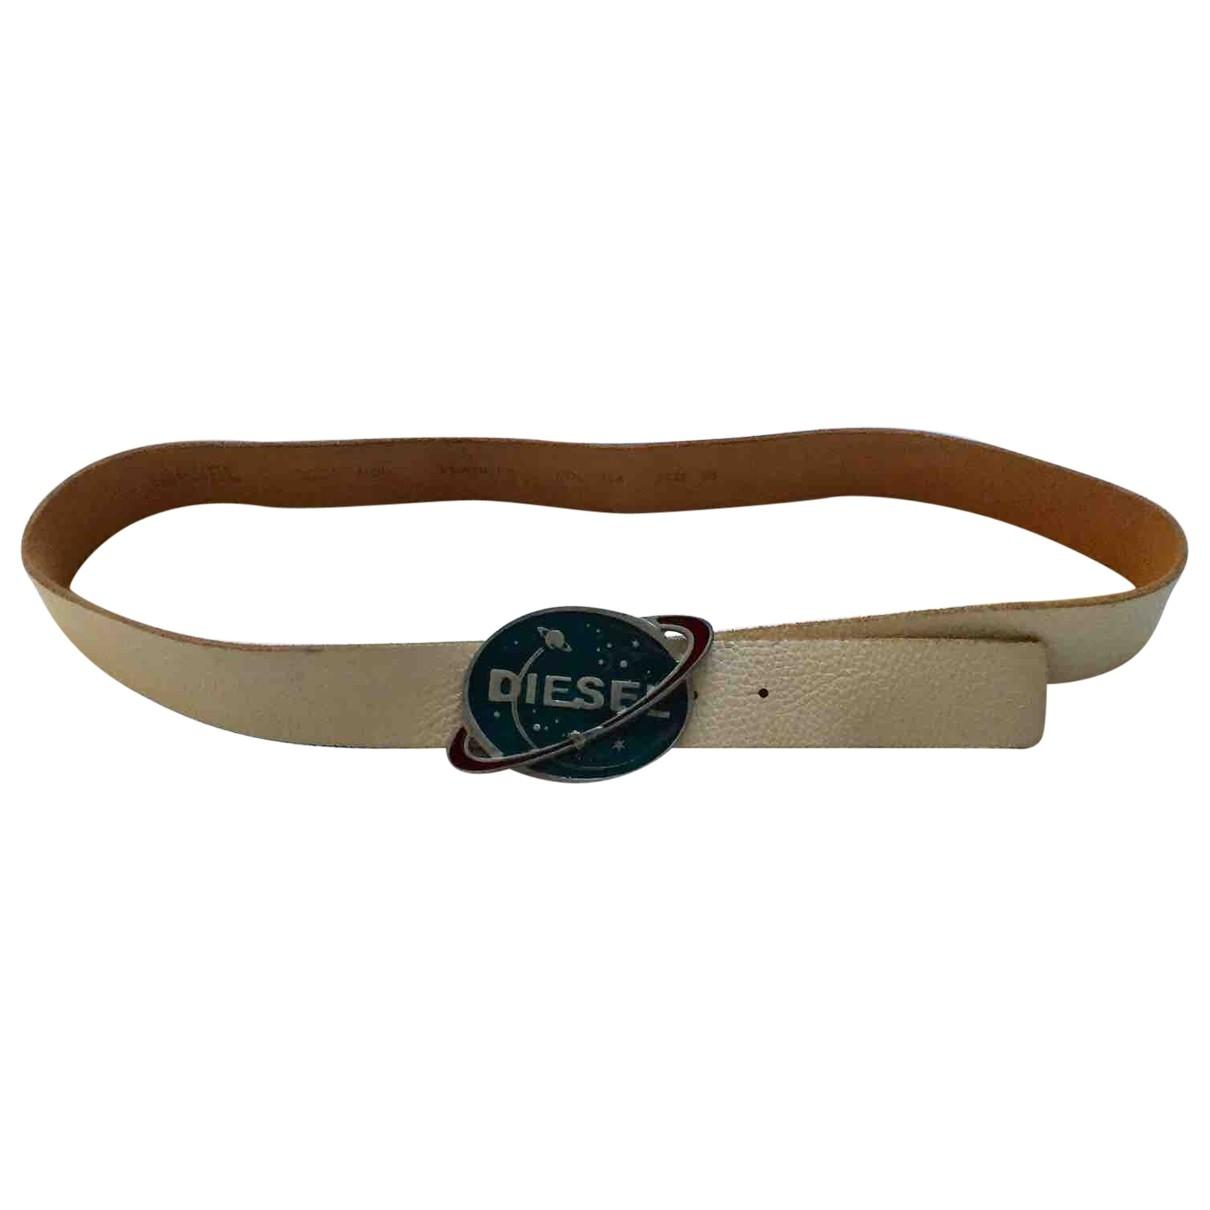 Diesel \N Leather belt for Men 95 cm